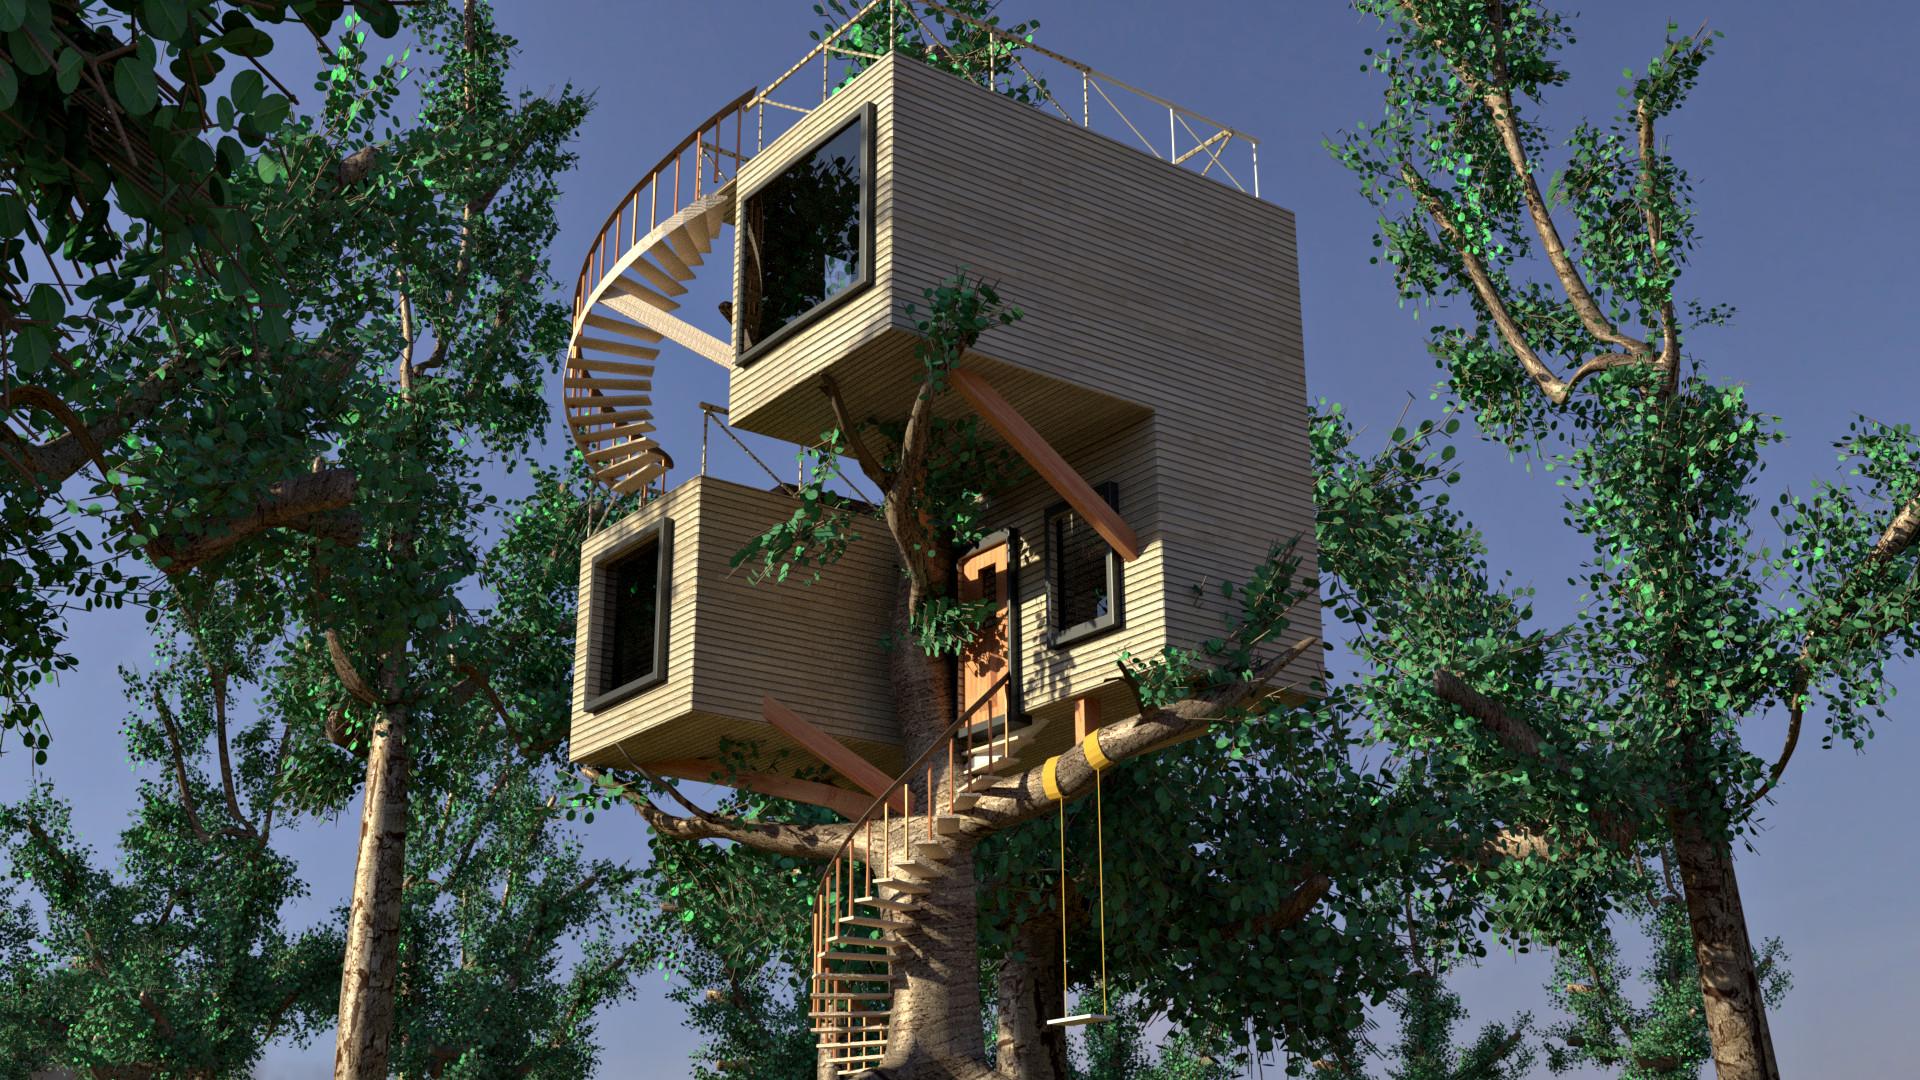 Casa sull 39 albero stile moderno final immagini cg vfx - Casa sull albero minecraft ...